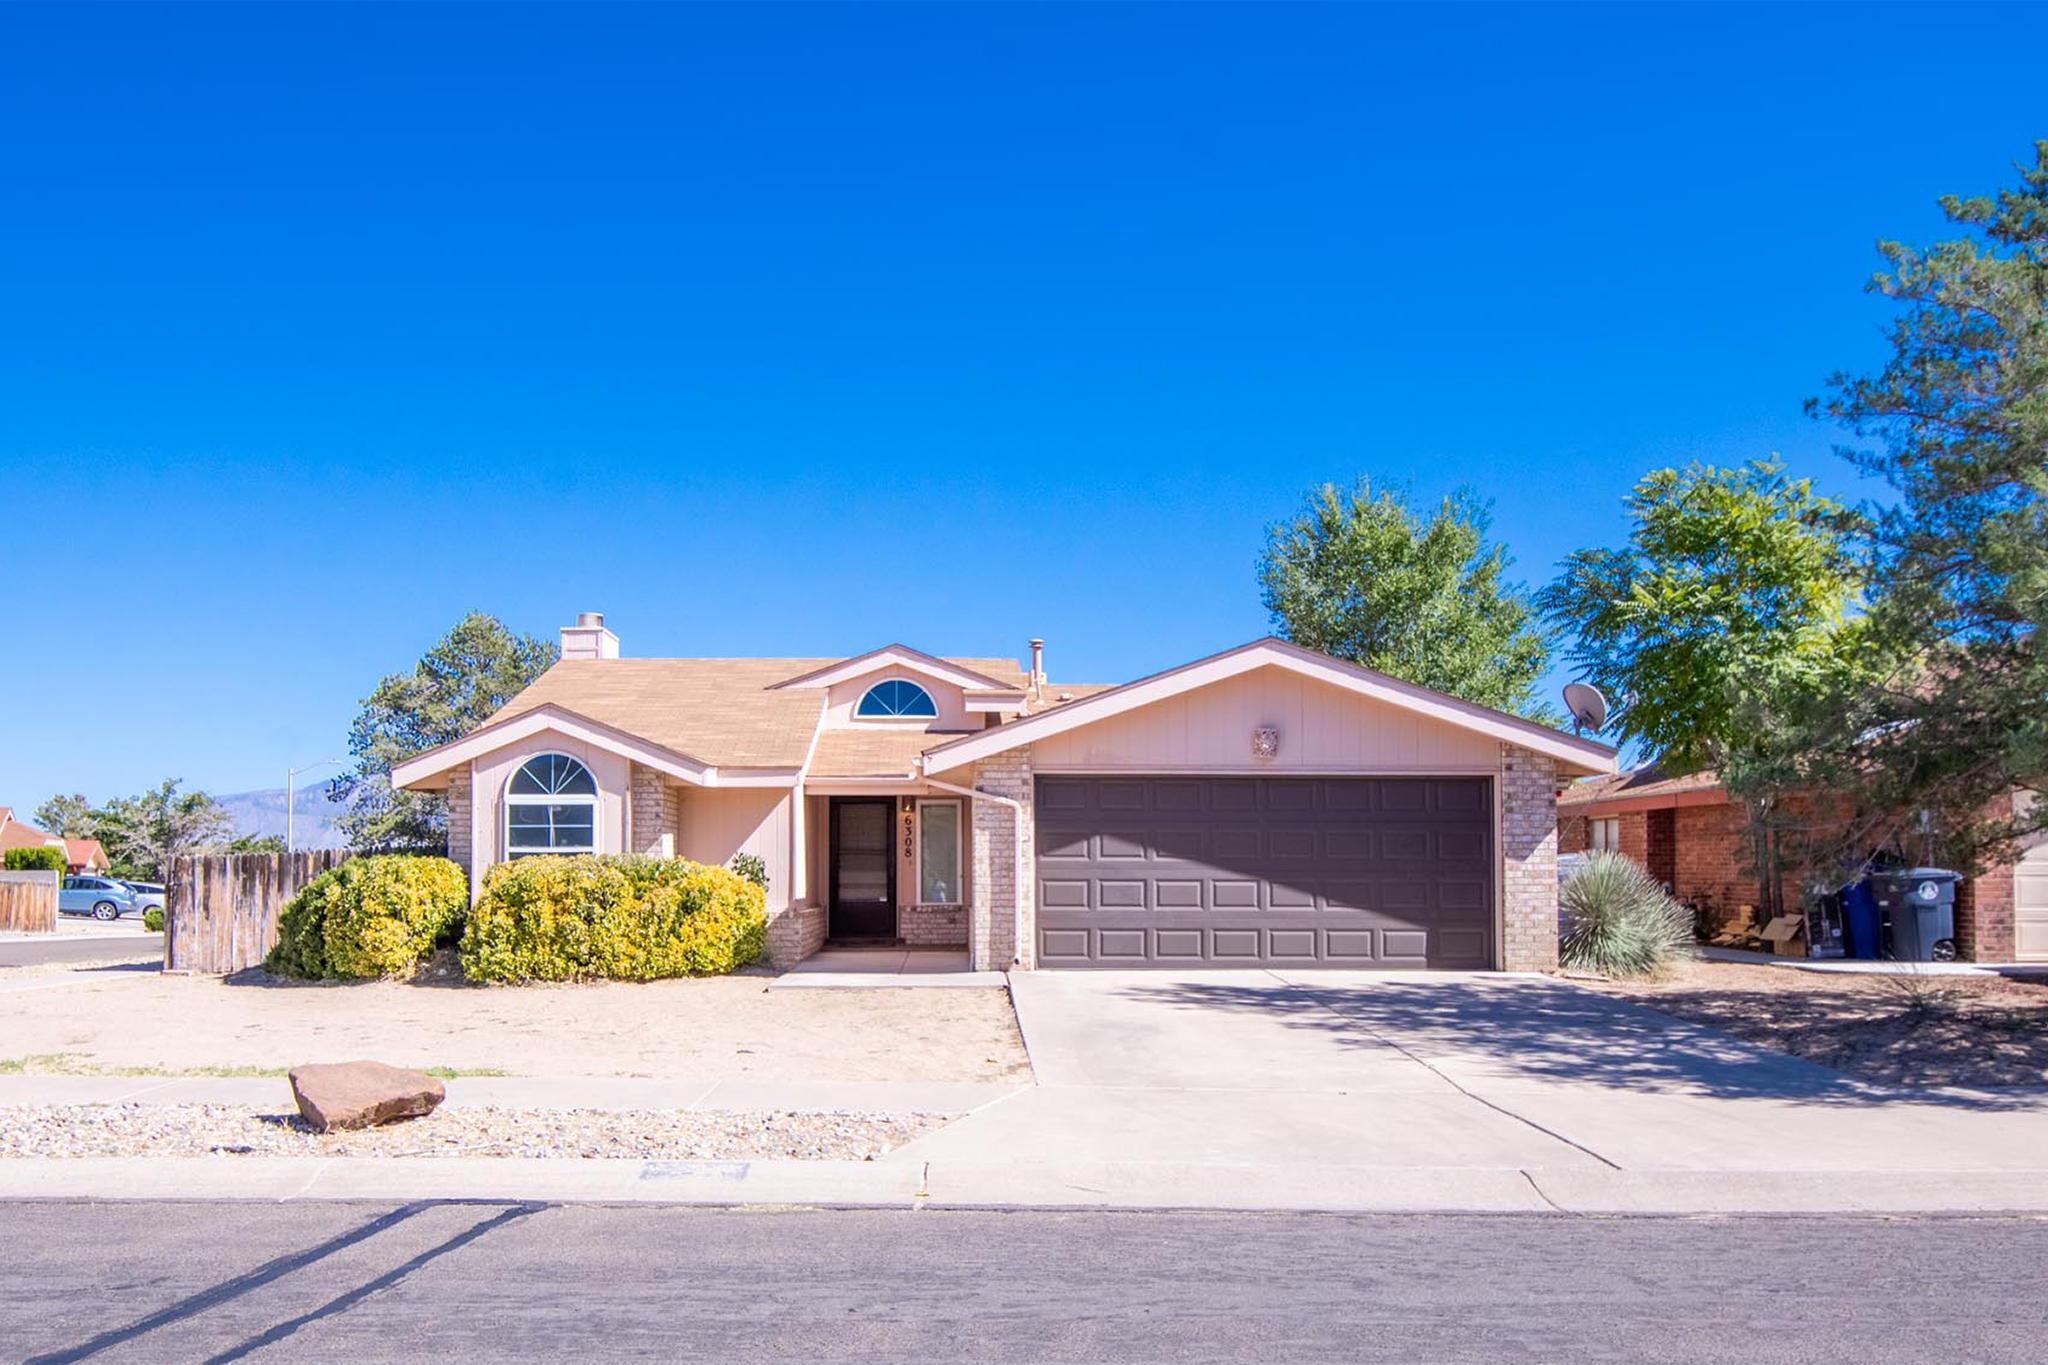 6308 LAMY Street, Albuquerque NM 87120